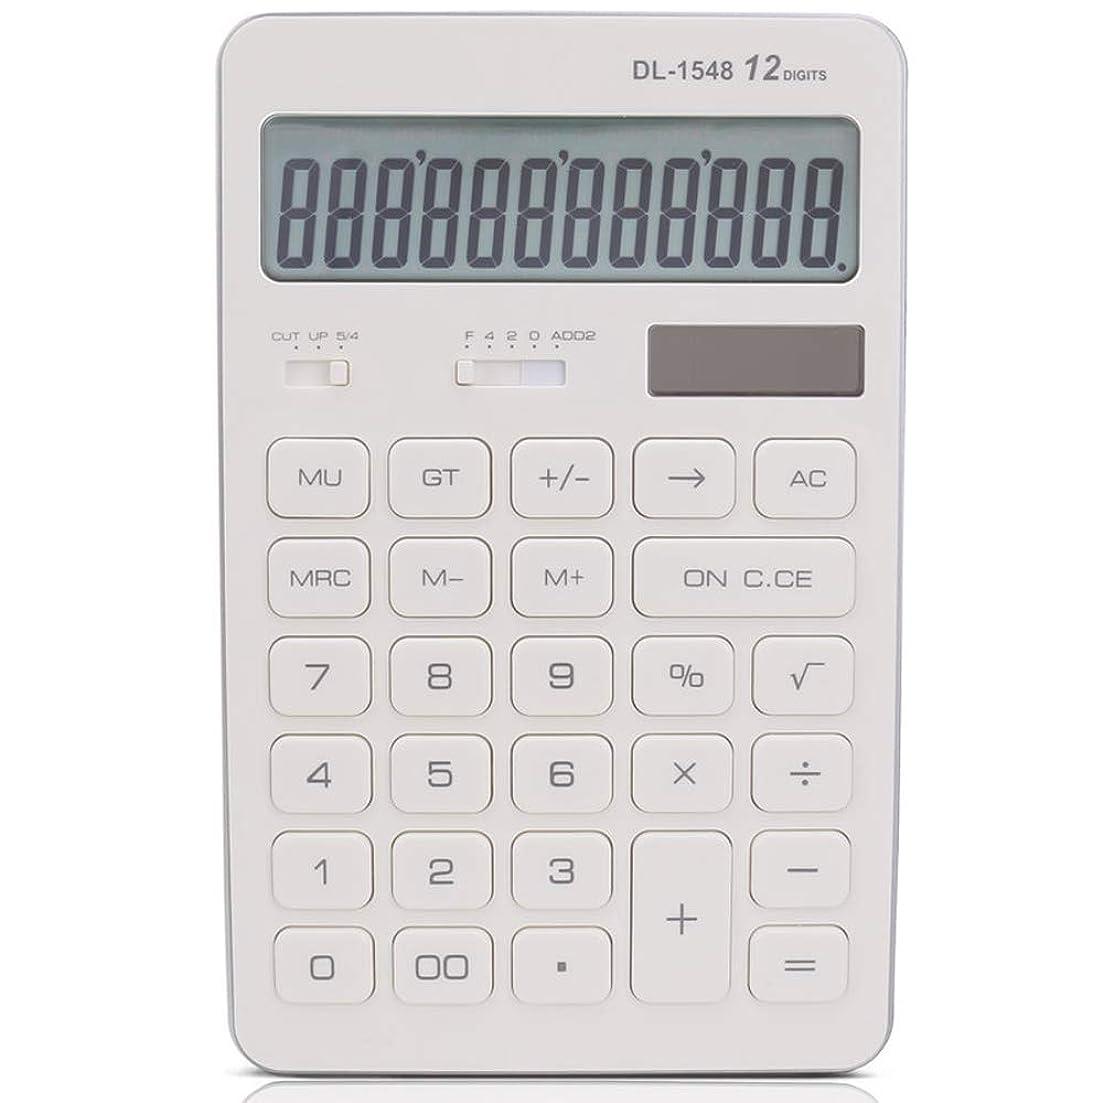 特権的無意識引退する基本電卓 太陽の電卓のビジネスオフィスかわいい電卓 オフィスデスクトップ電卓 (色 : 白)